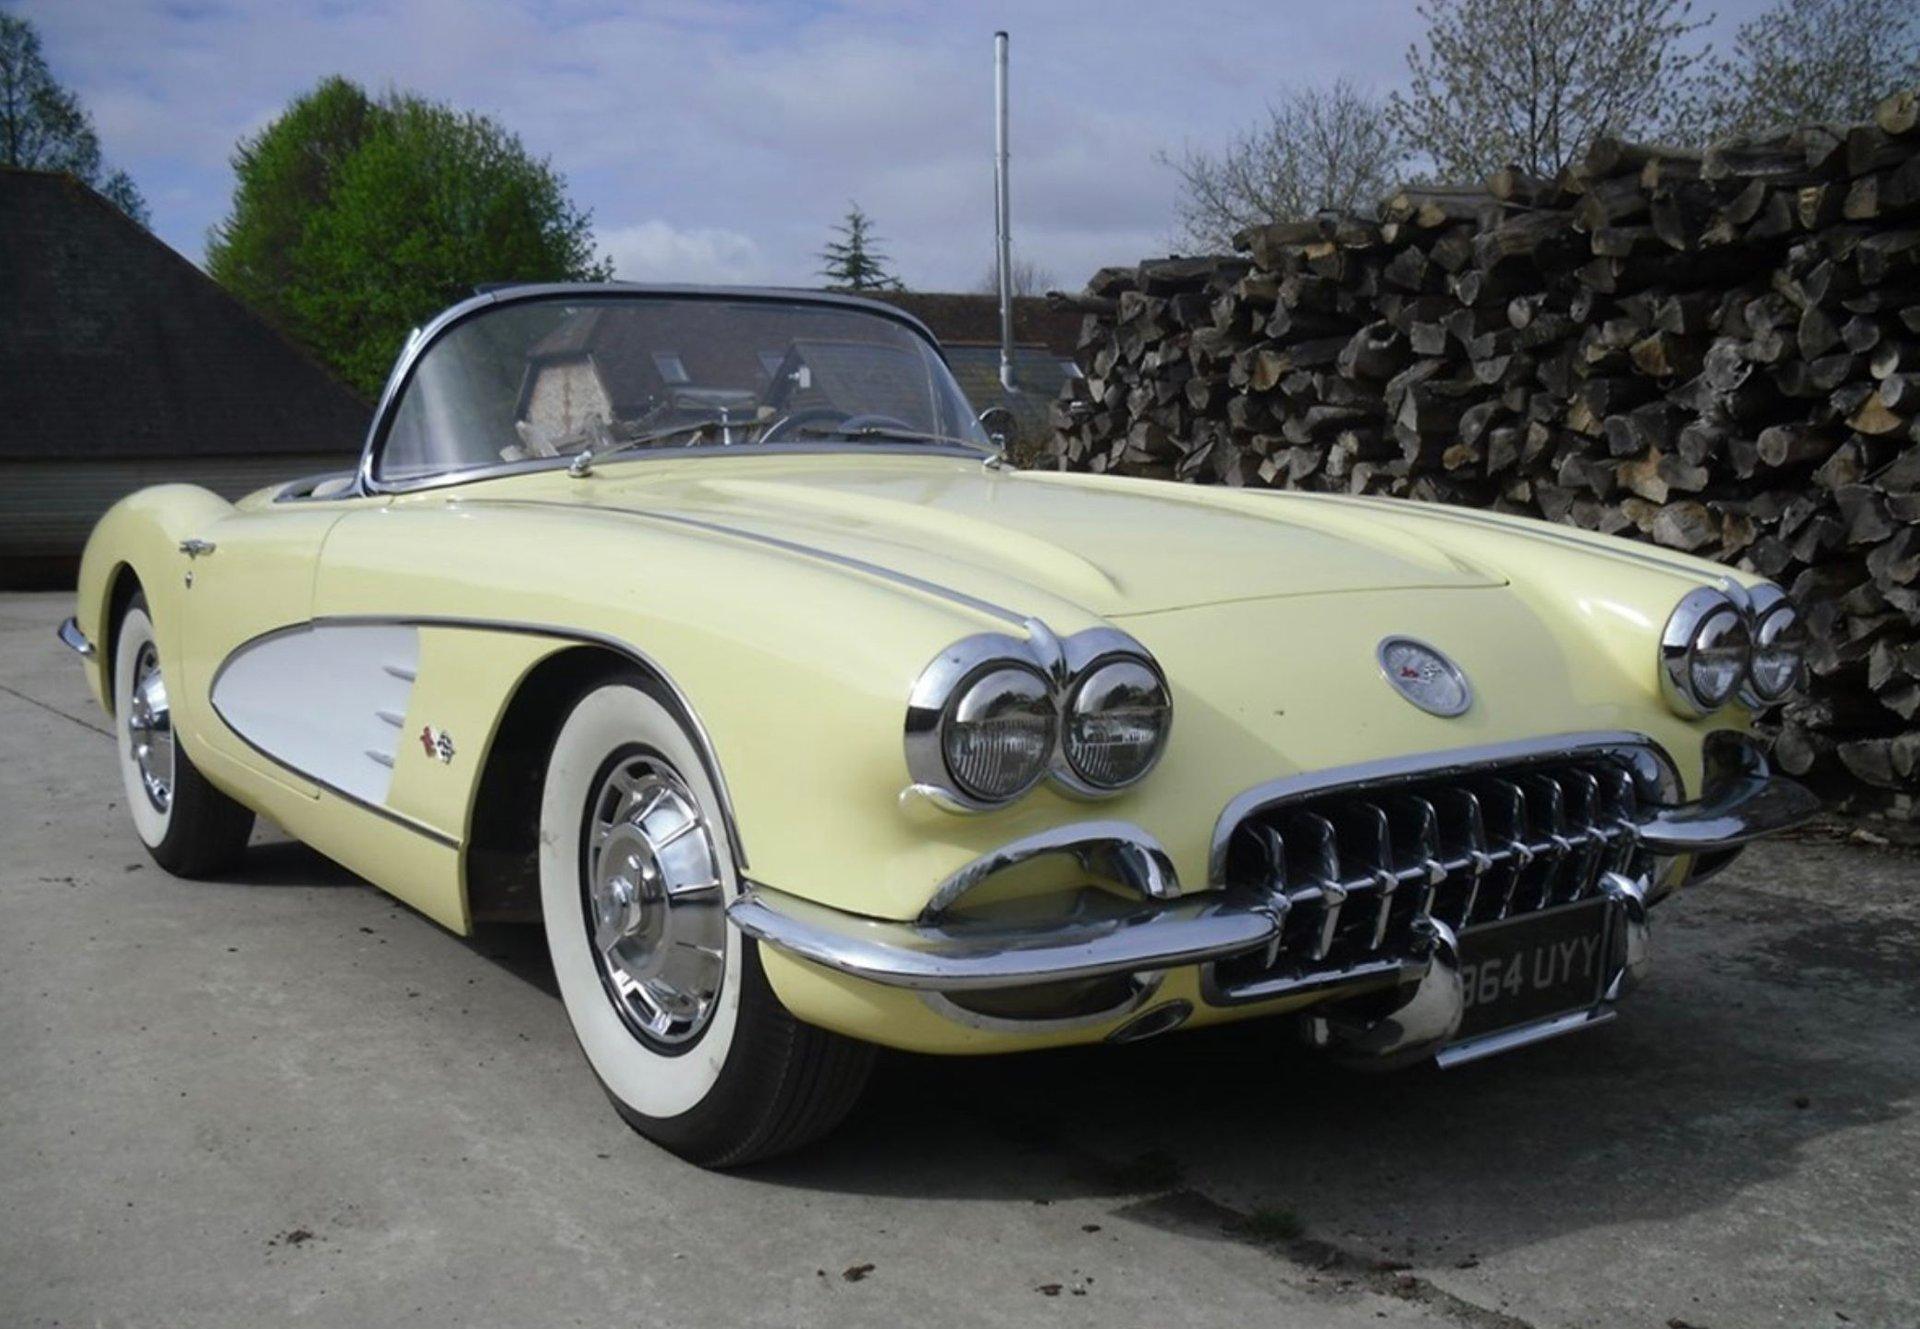 1959 chevrolet chevrolet corvette c1 283 cu in v8